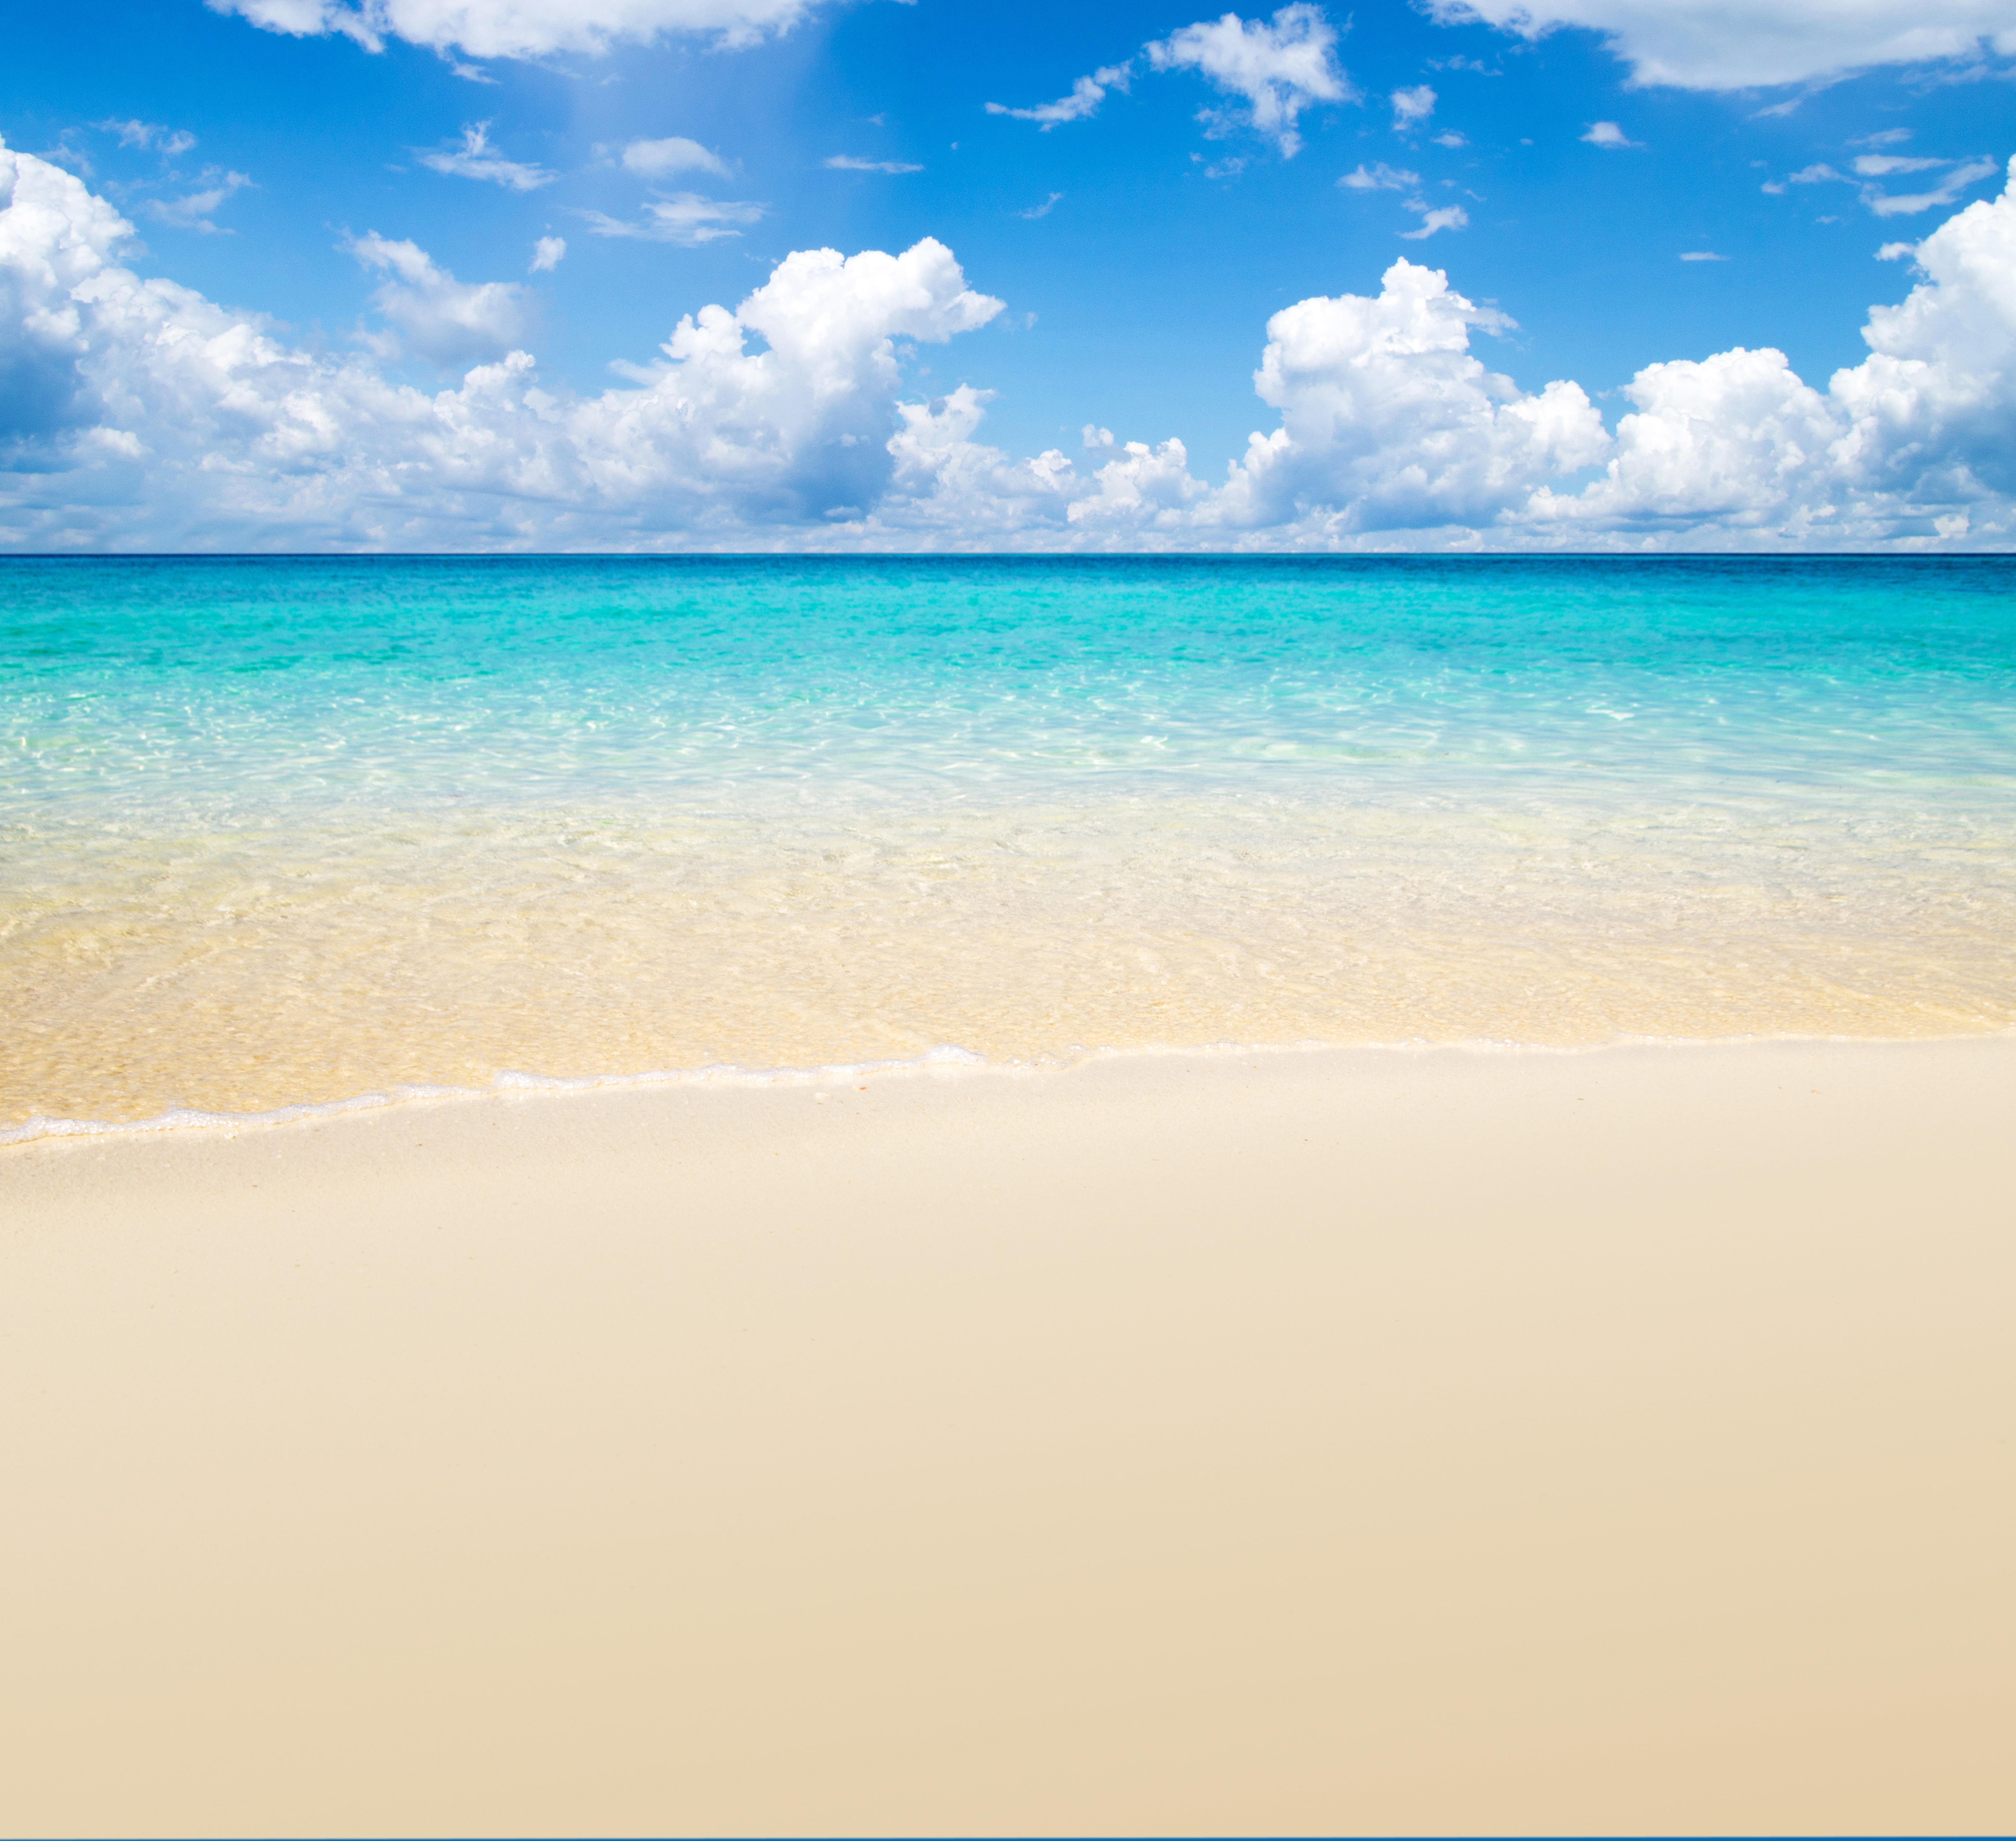 Summer Beach Background.